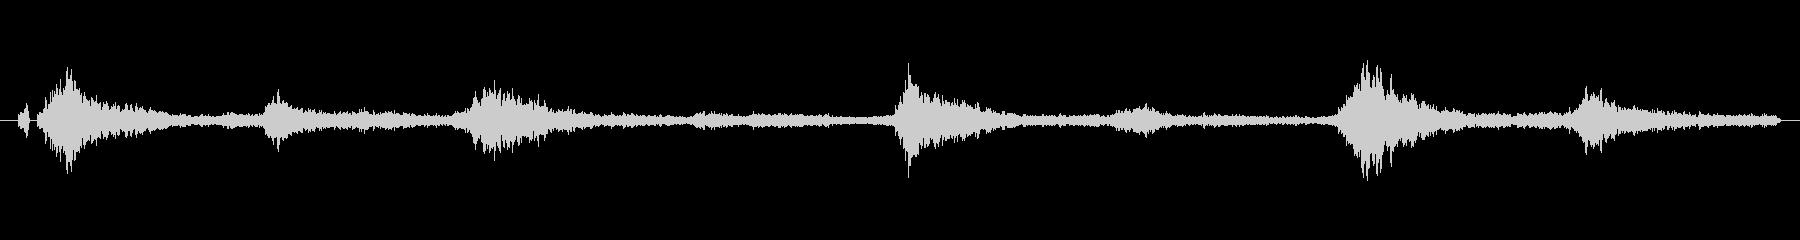 クリスマスのベル、鈴に!ループ可能03の未再生の波形